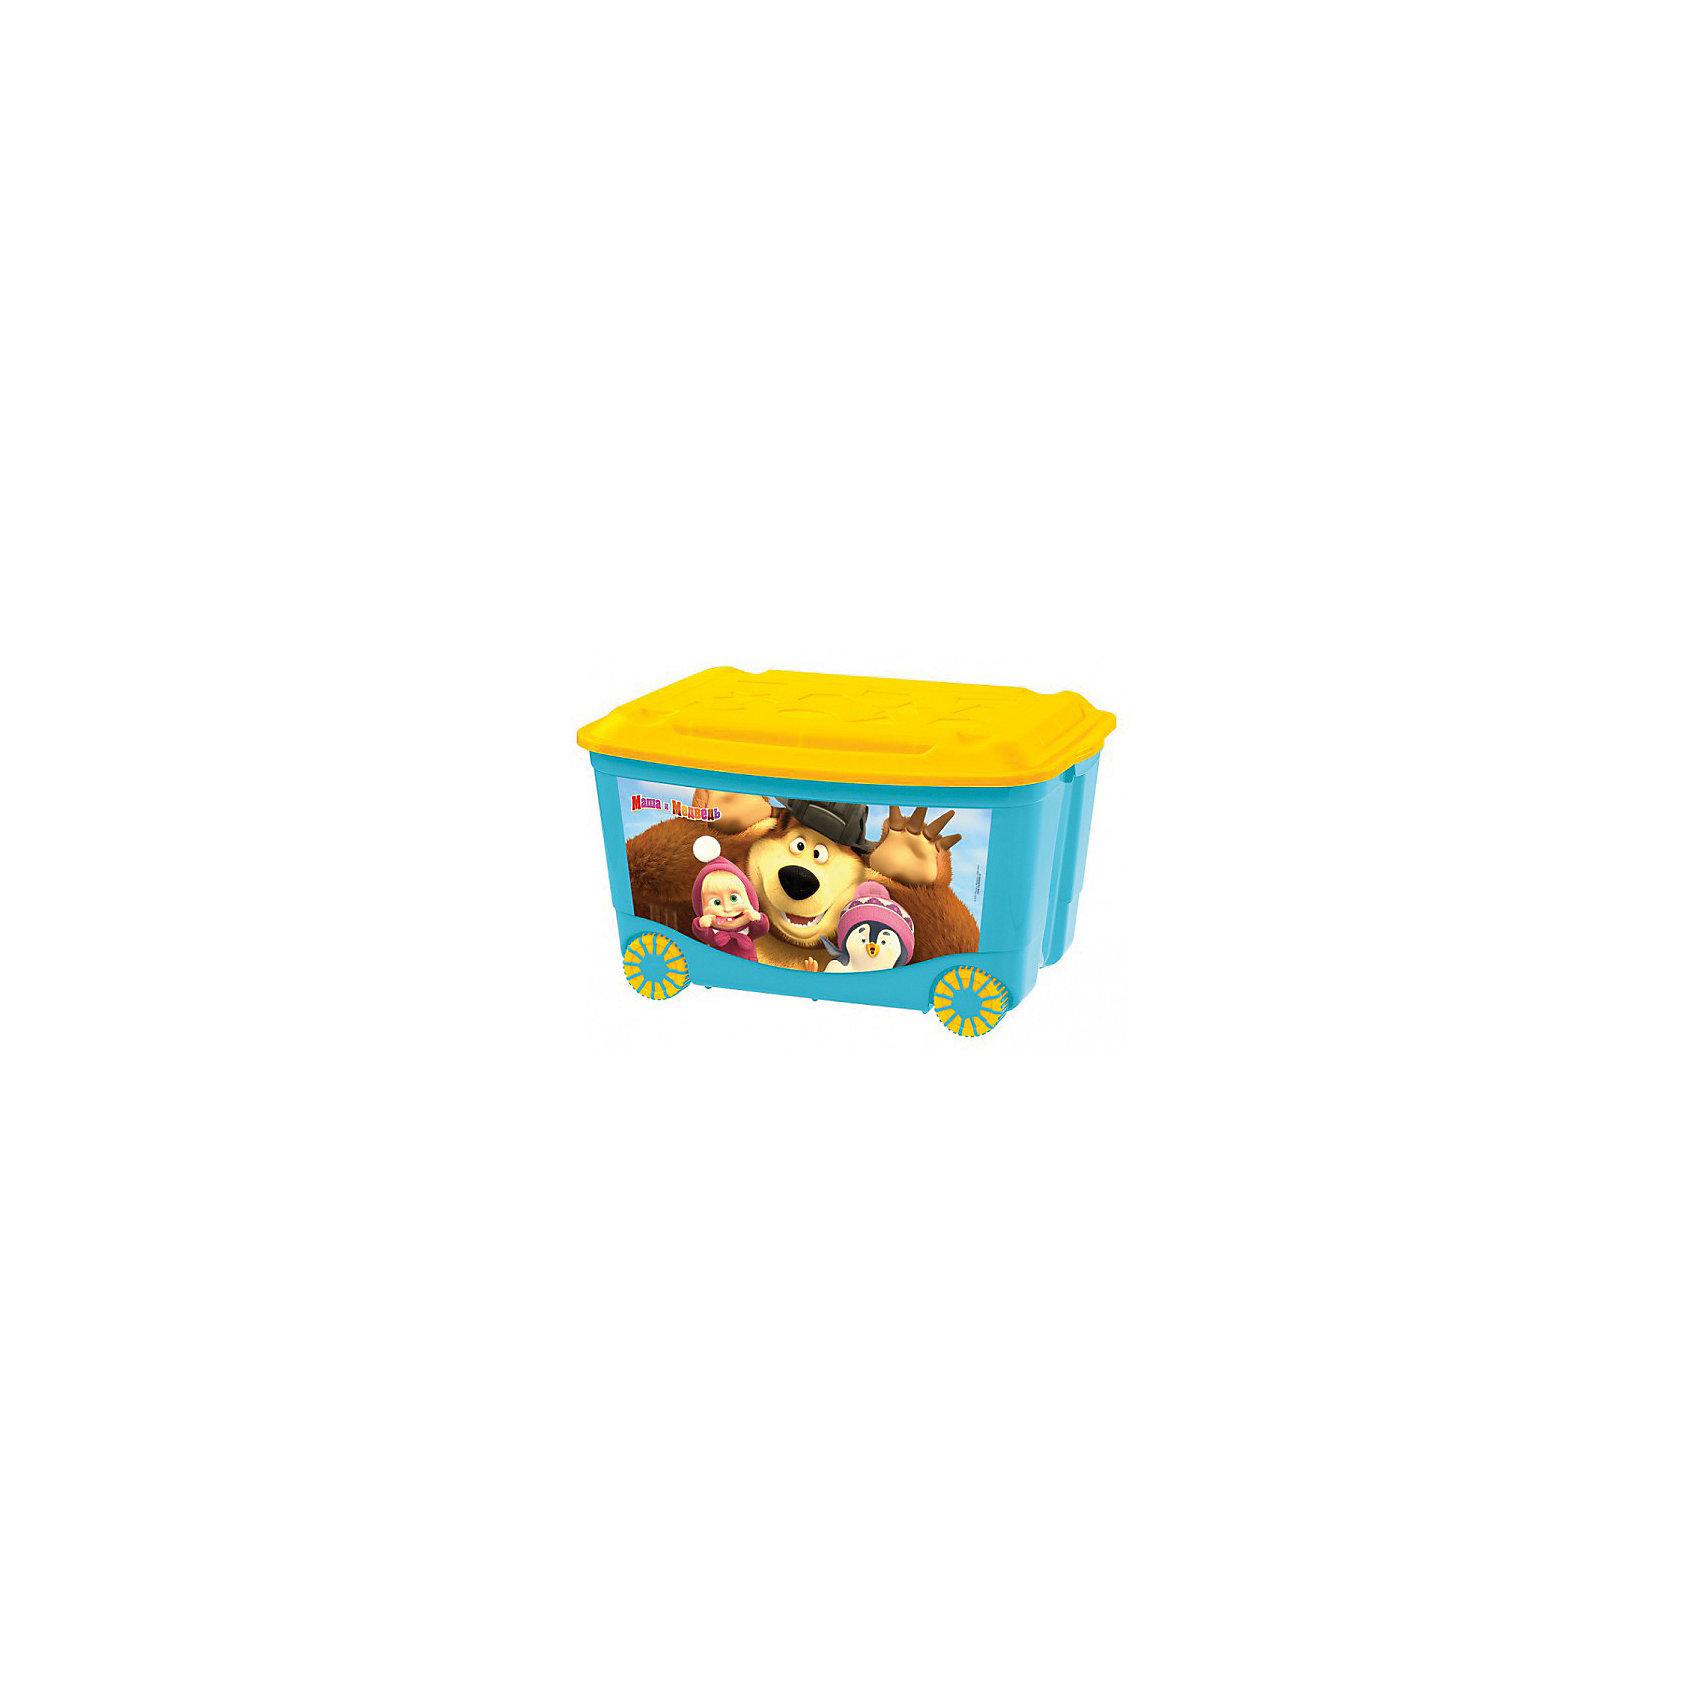 Ящик для игрушек на колесах 580*390*335 Маша и Медведь, Пластишка, голубойЯщик для игрушек на колесах 580*390*335 Маша и Медведь, Пластишка, голубой – приучаем к уборке вместе с любимой героиней мультфильма.<br>Контейнер изготовлен из качественного пластика, не токсичен для малышей. Вместительный, но в тоже время очень компактный ящик с крышечкой. Подойдет для упаковки игрушек, одежды, аксессуаров. Благодаря колесикам легко перемещается по комнате. Легкое скольжение позволит малышу самому привозить и увозить ящик.<br><br>Дополнительная информация: <br><br>- материал: полипропилен<br>- цвет: голубой<br>- размер: 580*390*335 мм<br><br>Ящик для игрушек на колесах 580*390*335 Маша и Медведь, Пластишка, голубой можно купить в нашем интернет магазине.<br><br>Ширина мм: 580<br>Глубина мм: 400<br>Высота мм: 630<br>Вес г: 1679<br>Возраст от месяцев: 12<br>Возраст до месяцев: 72<br>Пол: Мужской<br>Возраст: Детский<br>SKU: 4972211